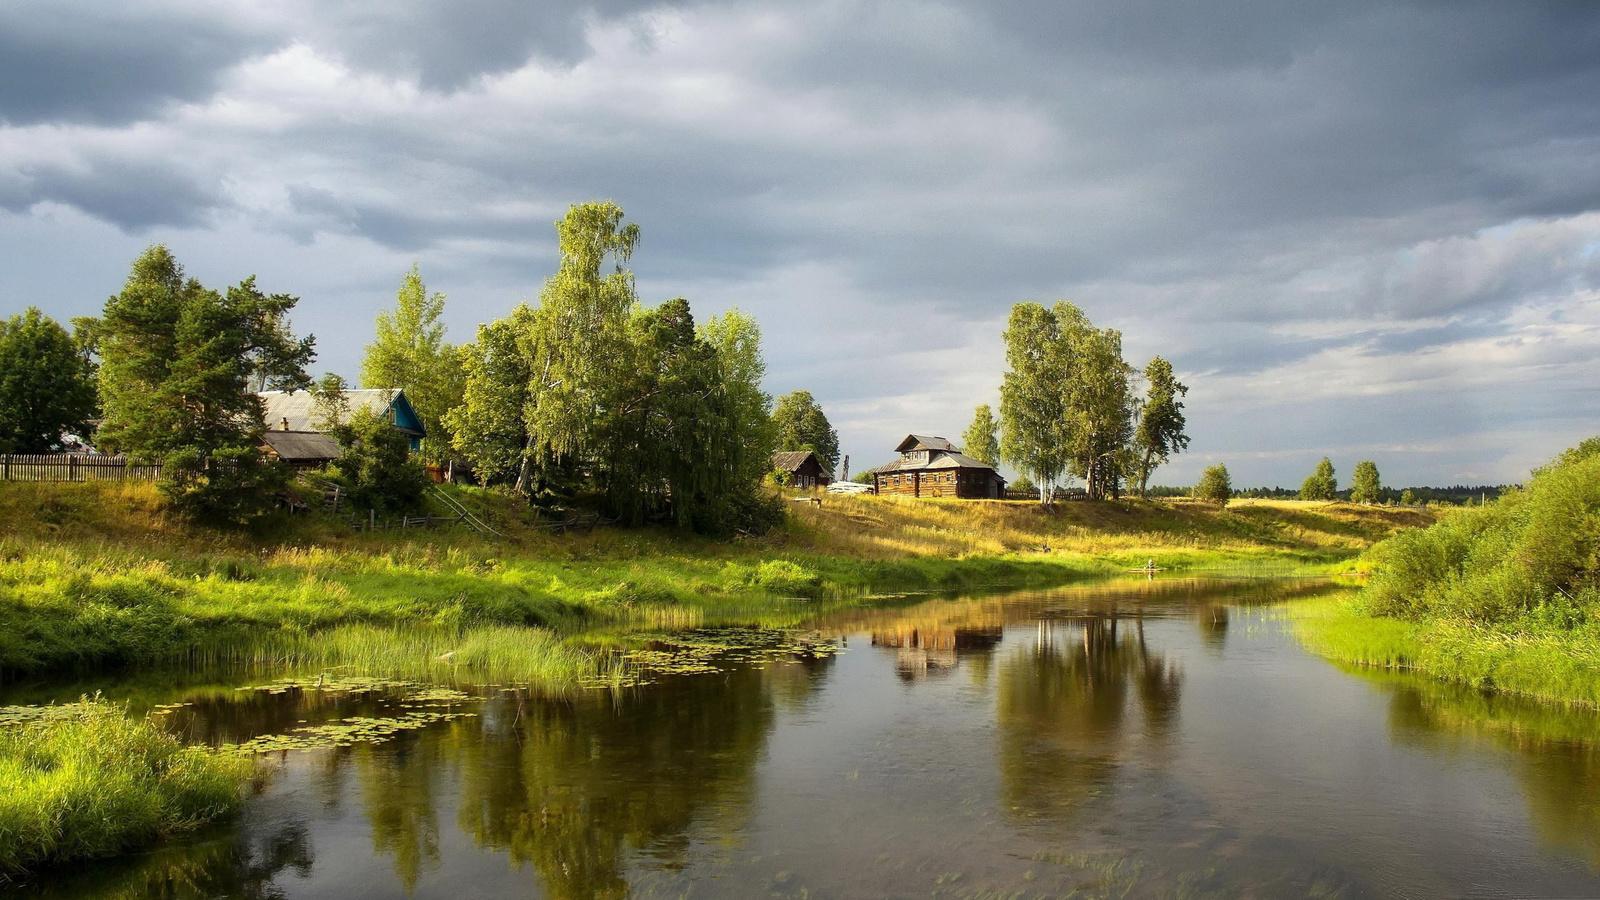 Открытка, картинки для рабочего стола лето в деревне